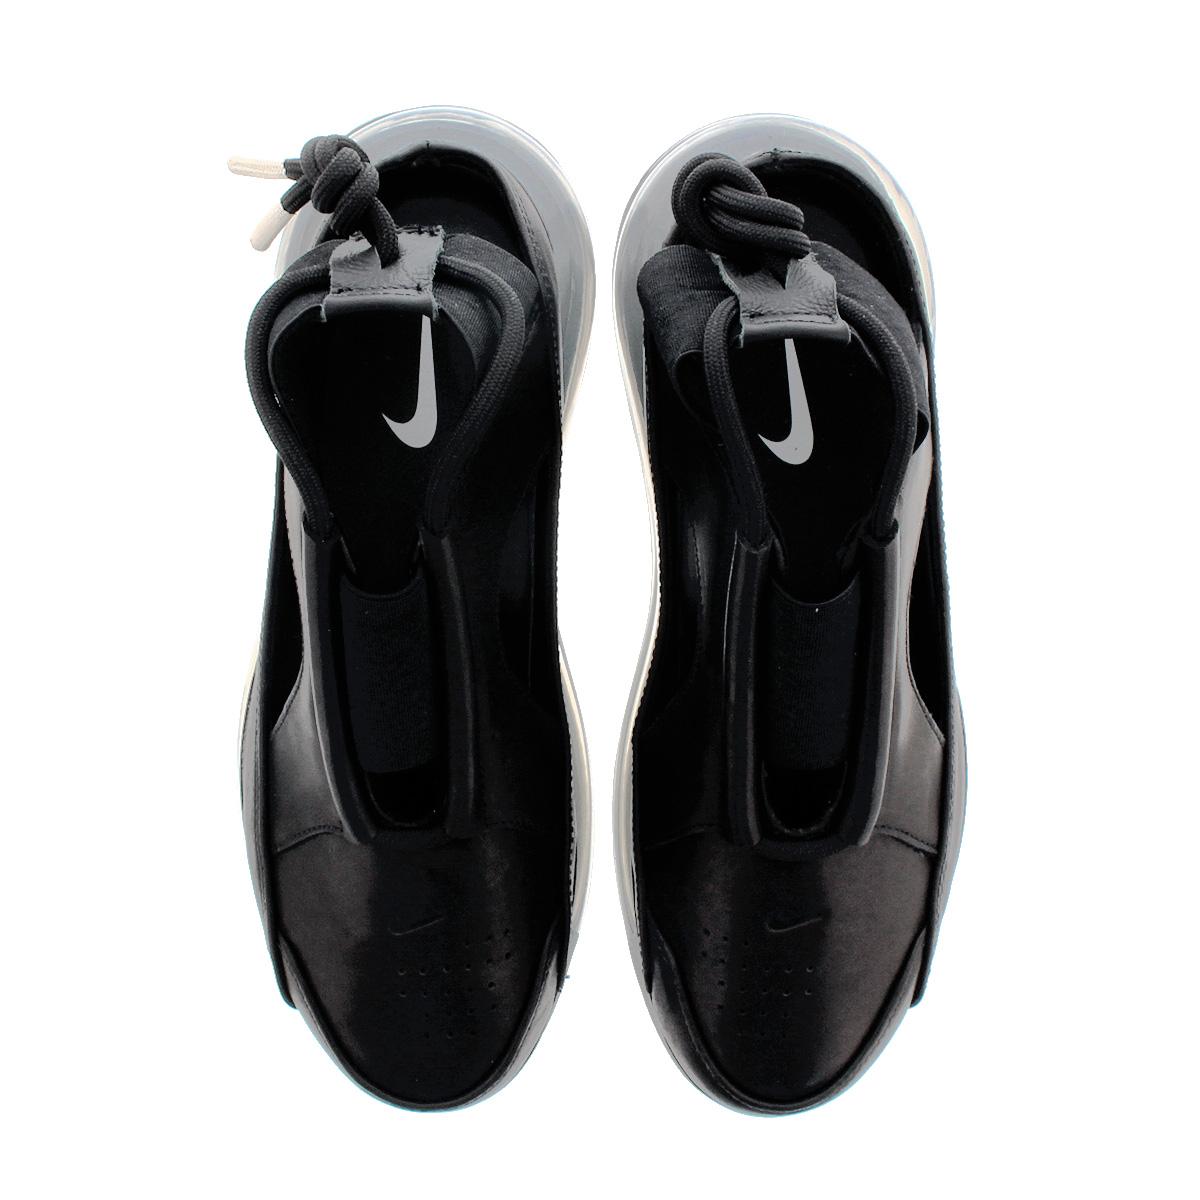 NIKE WMNS AIR MAX FF 720 Nike women Air Max FF 720 BLACKBLACKMETALLIC SILVER ao3189 001